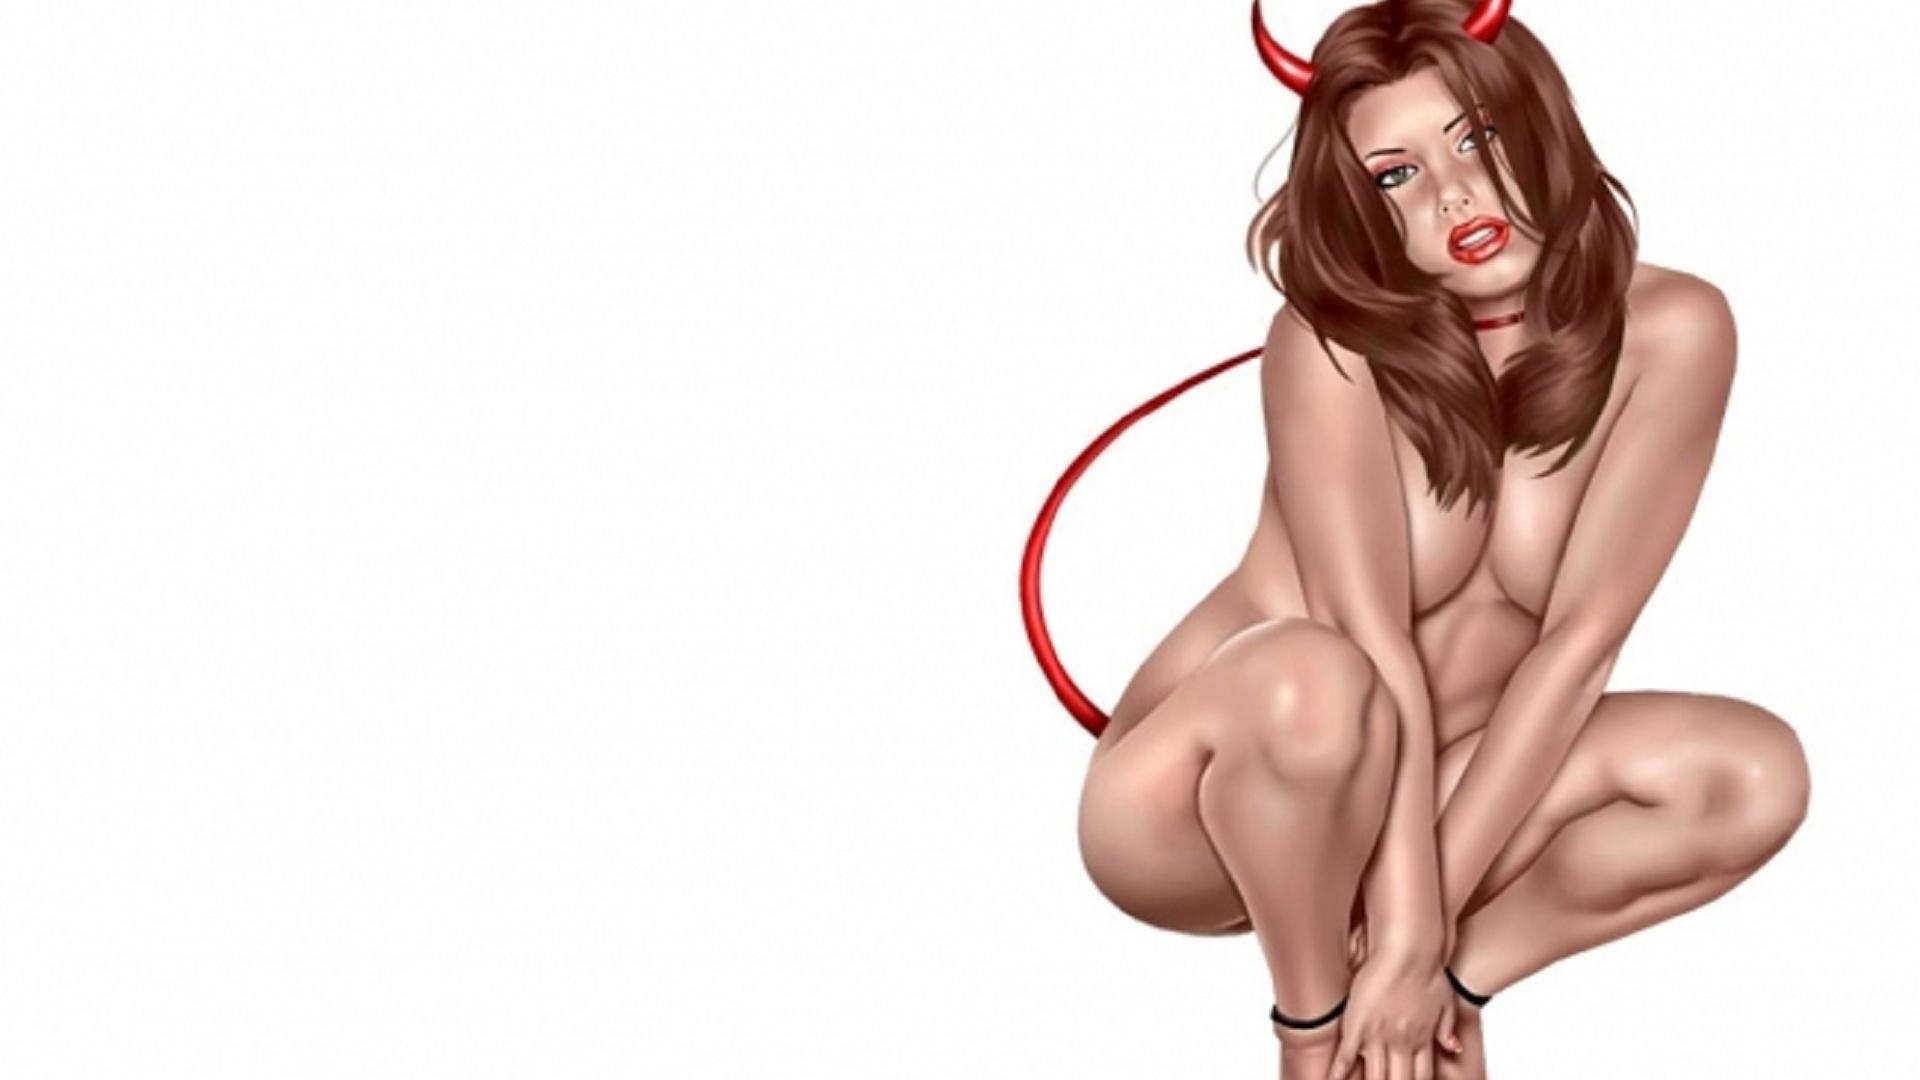 Рисованные голые женщины смотреть бесплатно, Смотреть порно рисованные картинки 1 фотография